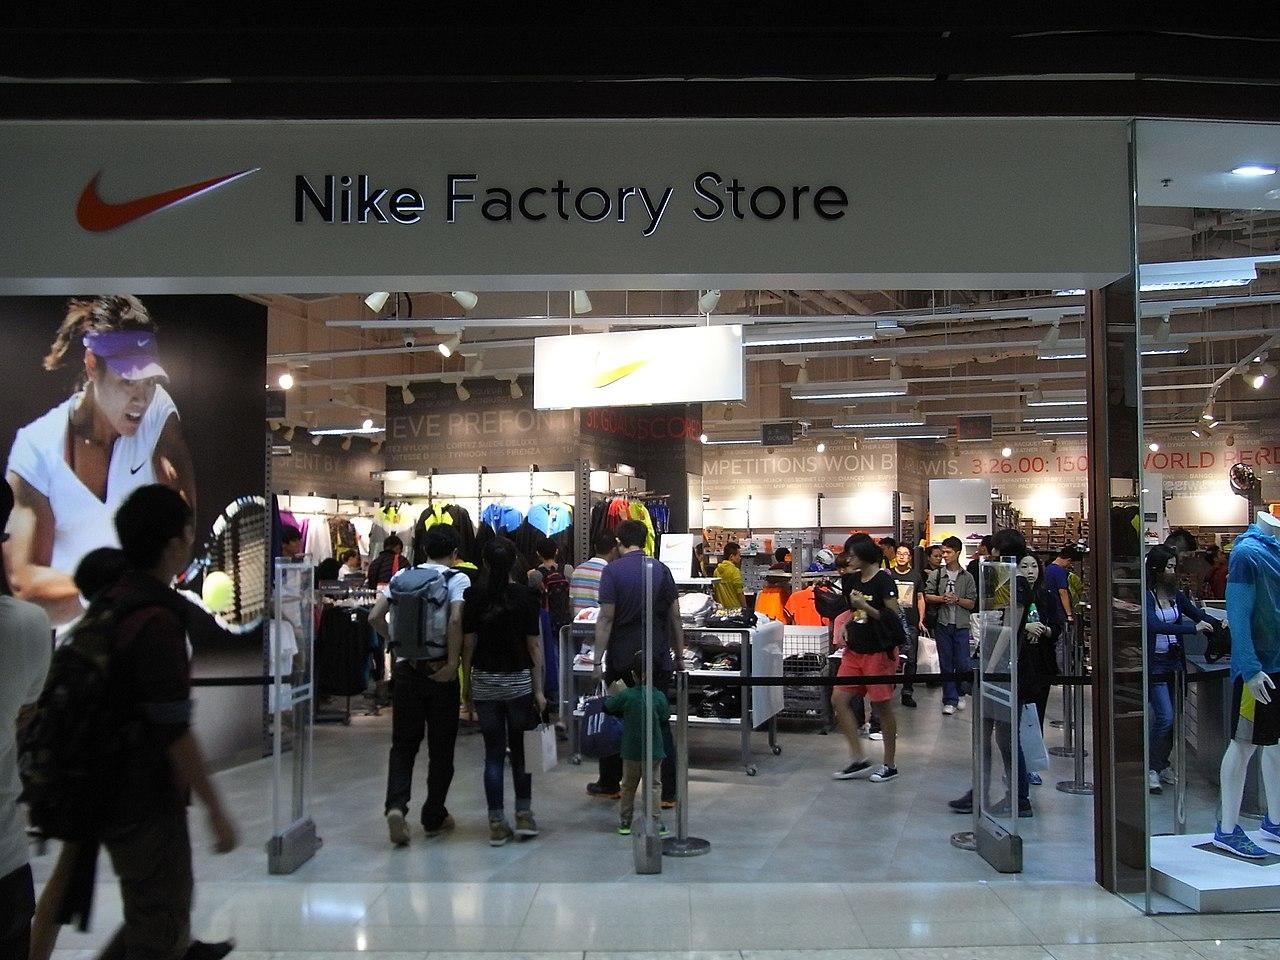 FileHK Tung Chung One CityGate shop Nike Factory Store